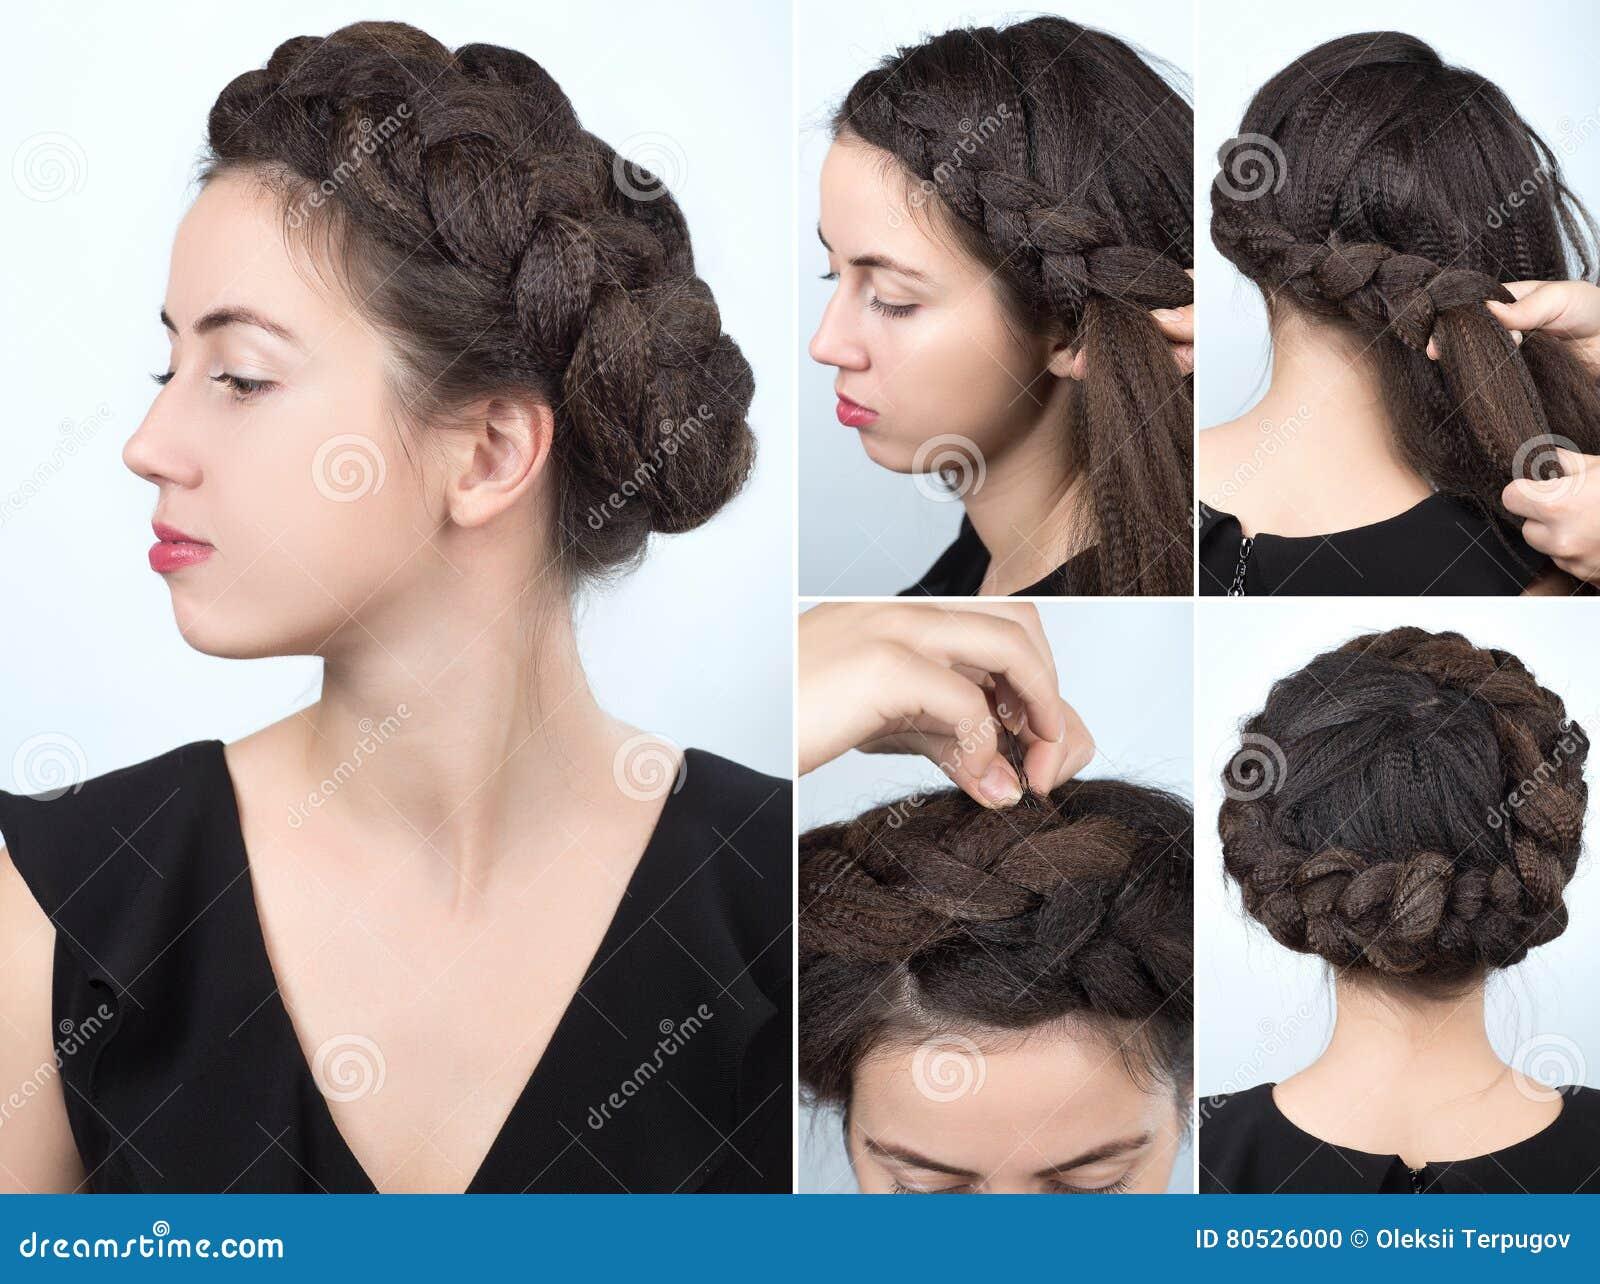 Modny Warkocz Fryzury Tutorial Zdjęcie Stock Obraz Złożonej Z Moda